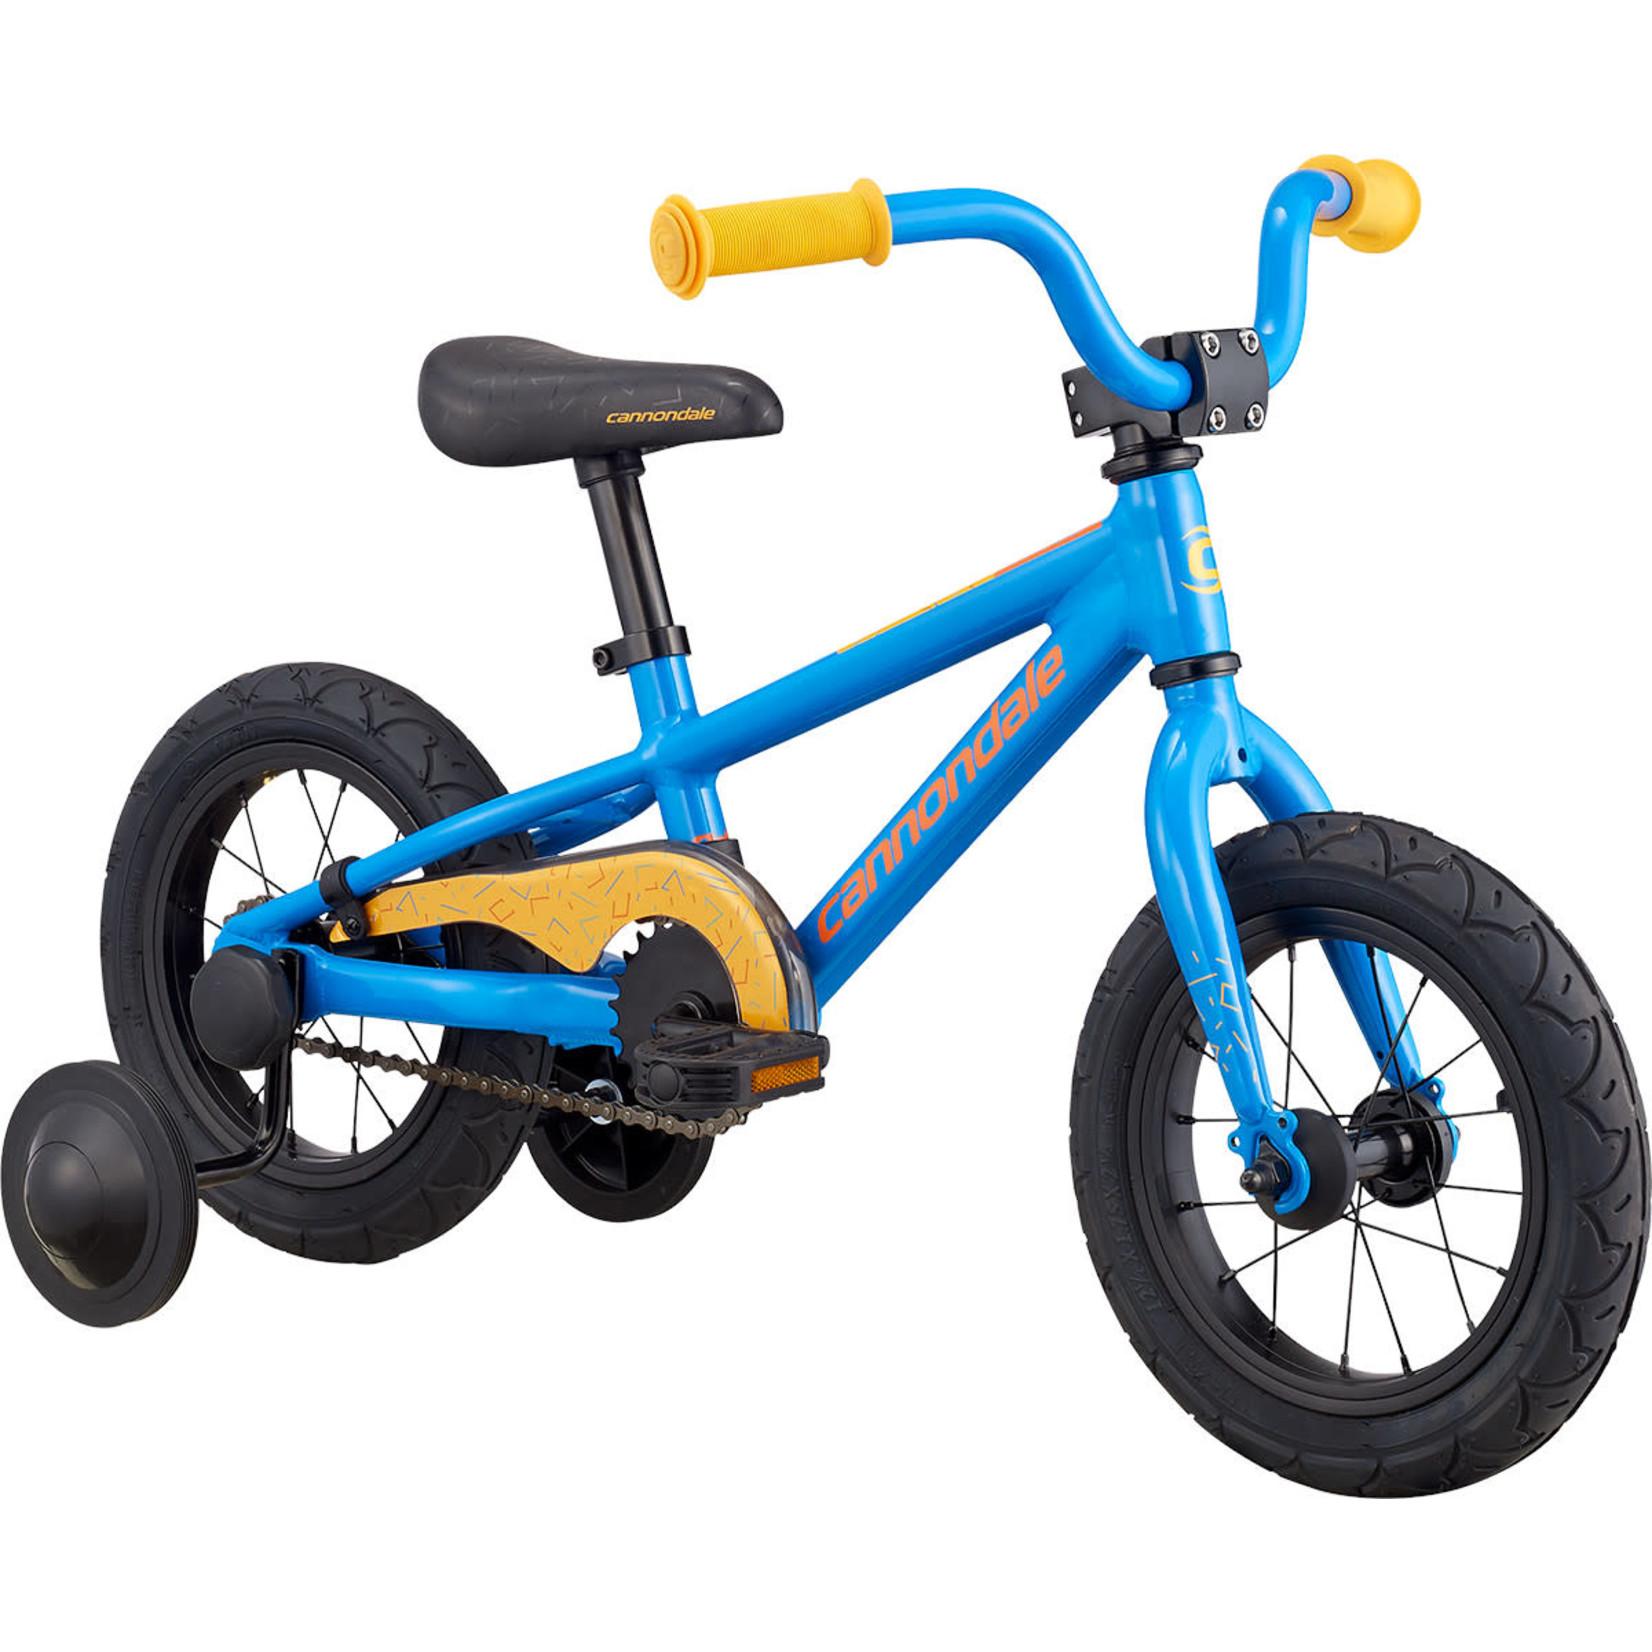 Cannondale Cannondale Kids Trail 12 Blue